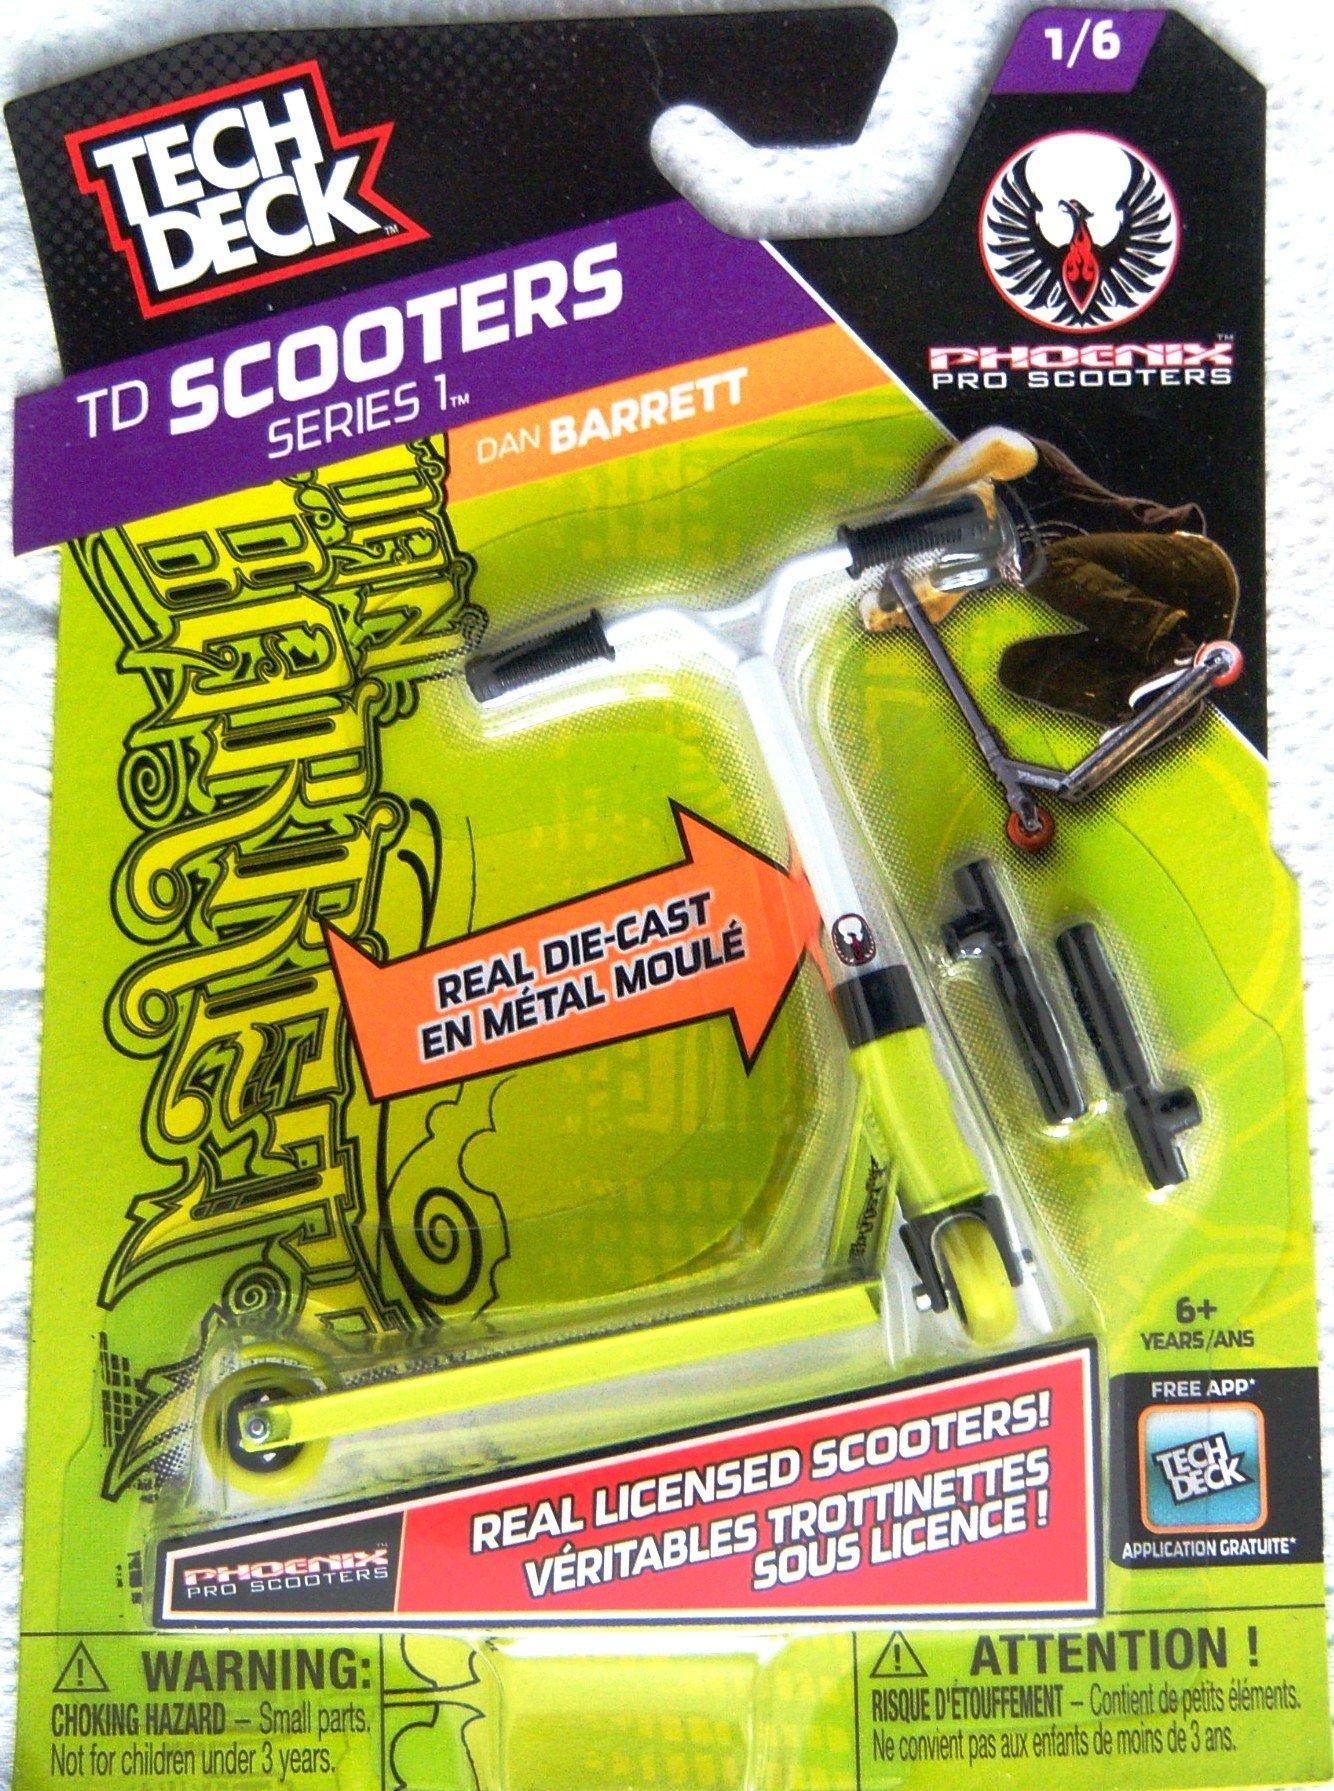 Tech Deck Scooters Series 1 Phoenix Pro Scooters Dan Barrett 1/6 by TECH DECK